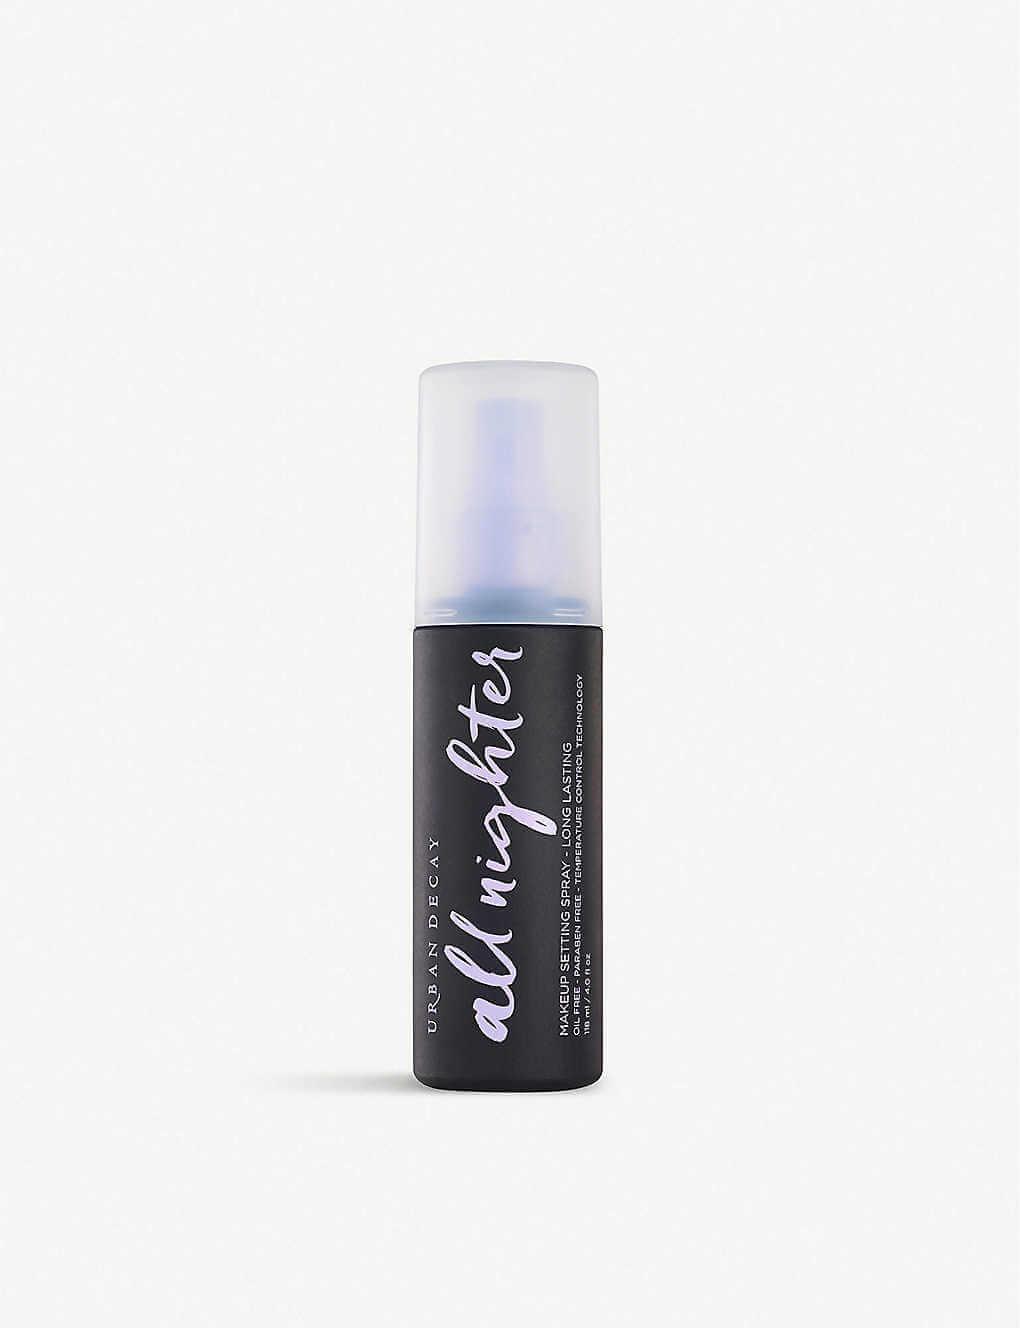 URBAN DECAY All Nighter 長效持久定妝噴霧 HK$280 不含油份、不含防腐劑、純素配方適合任何膚質。透過溫度調控專 利技術,定妝噴霧有效降低妝容溫度,全日猶如剛上妝般清新舒爽。此外,定妝噴霧的透氣配方更有效持妝 16小時,讓妝容告別溶妝、乾裂、卡粉於細紋。不論大汗淋漓、出海或狂歡派對後,亦整天無需補妝。